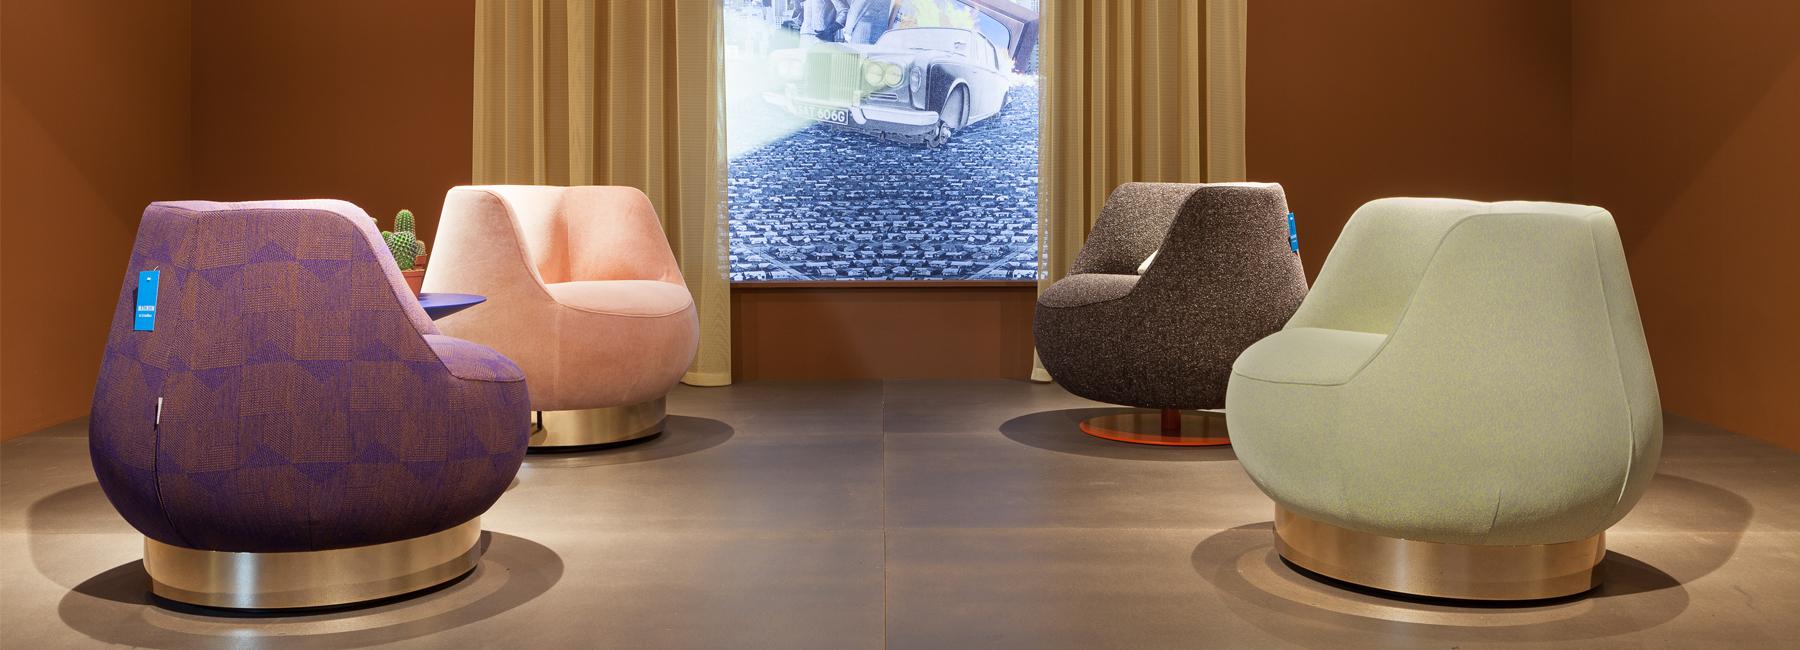 Sancal Magnum Chairs Cradle Consumers In British Esque Comfort